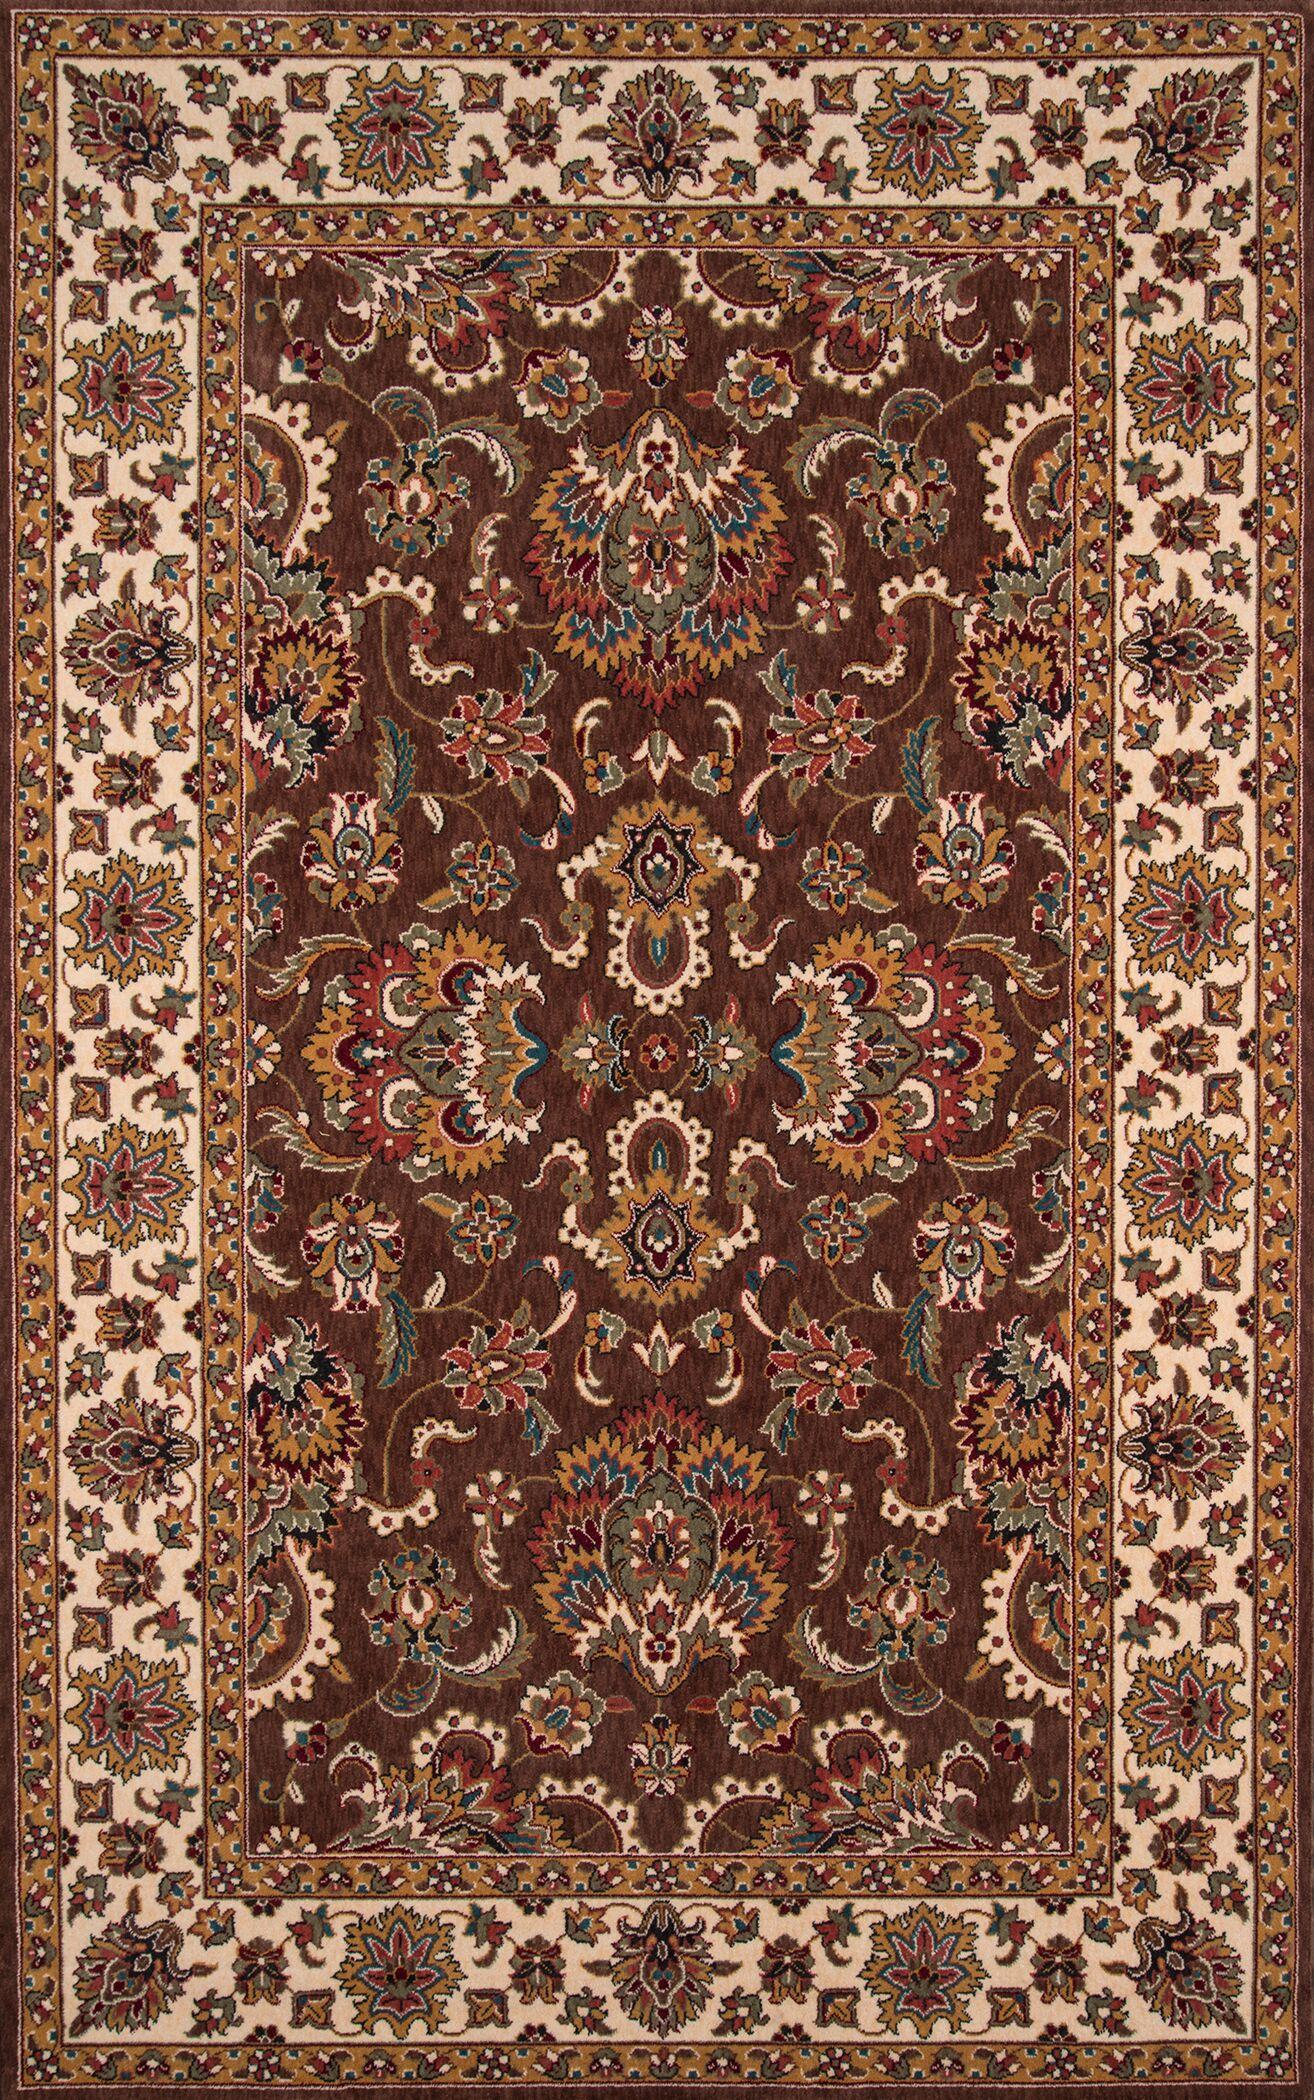 Forrestal Burgundy/Beige Area Rug Rug Size: Rectangle 8' x 10'